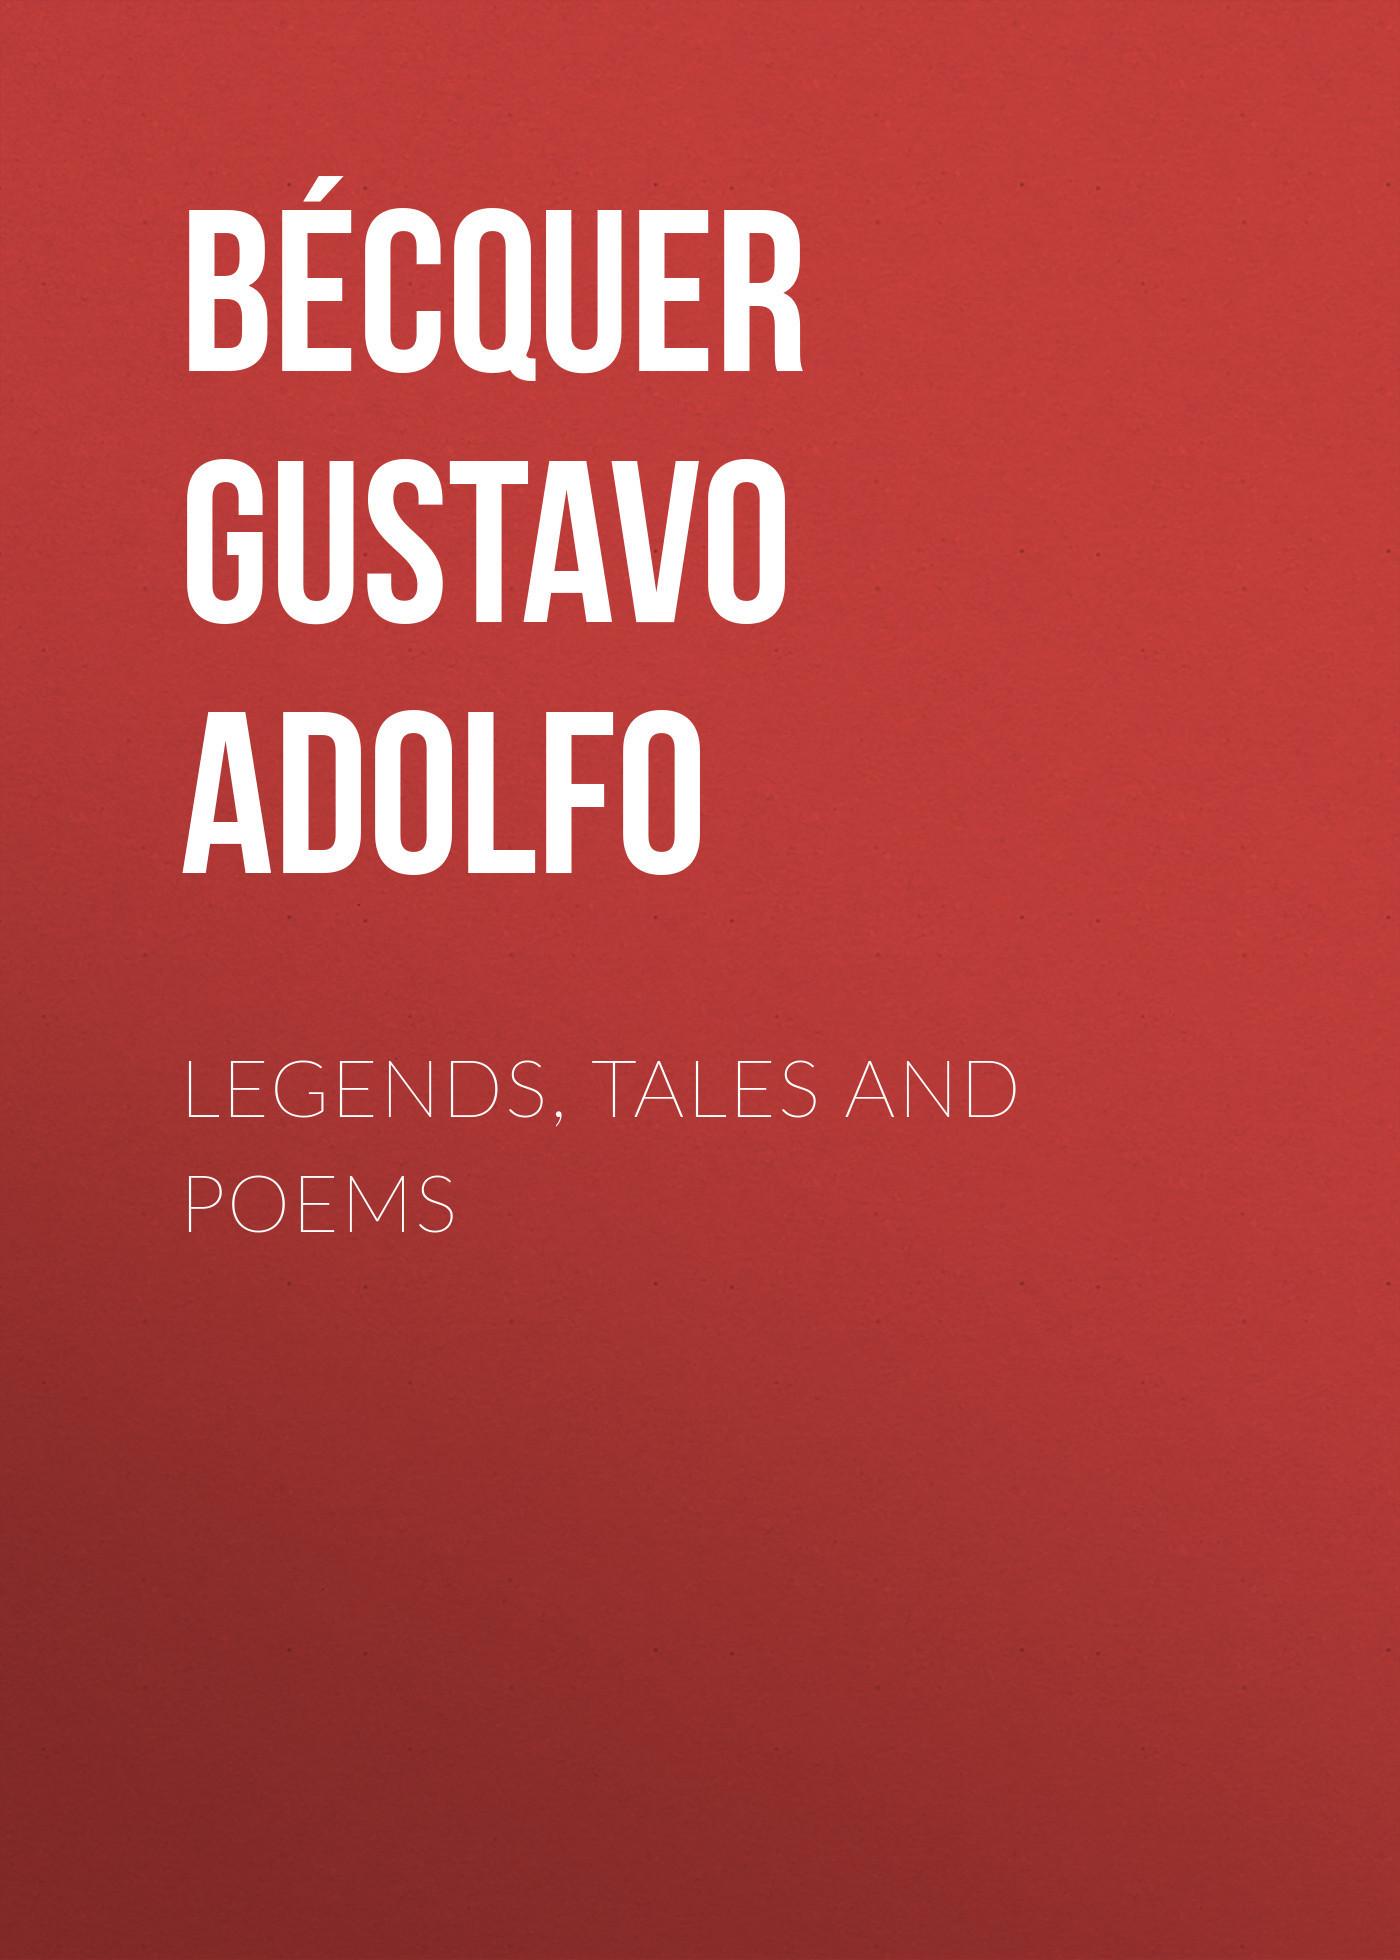 Bécquer Gustavo Adolfo Legends, Tales and Poems gustavo cisneros un empresario global